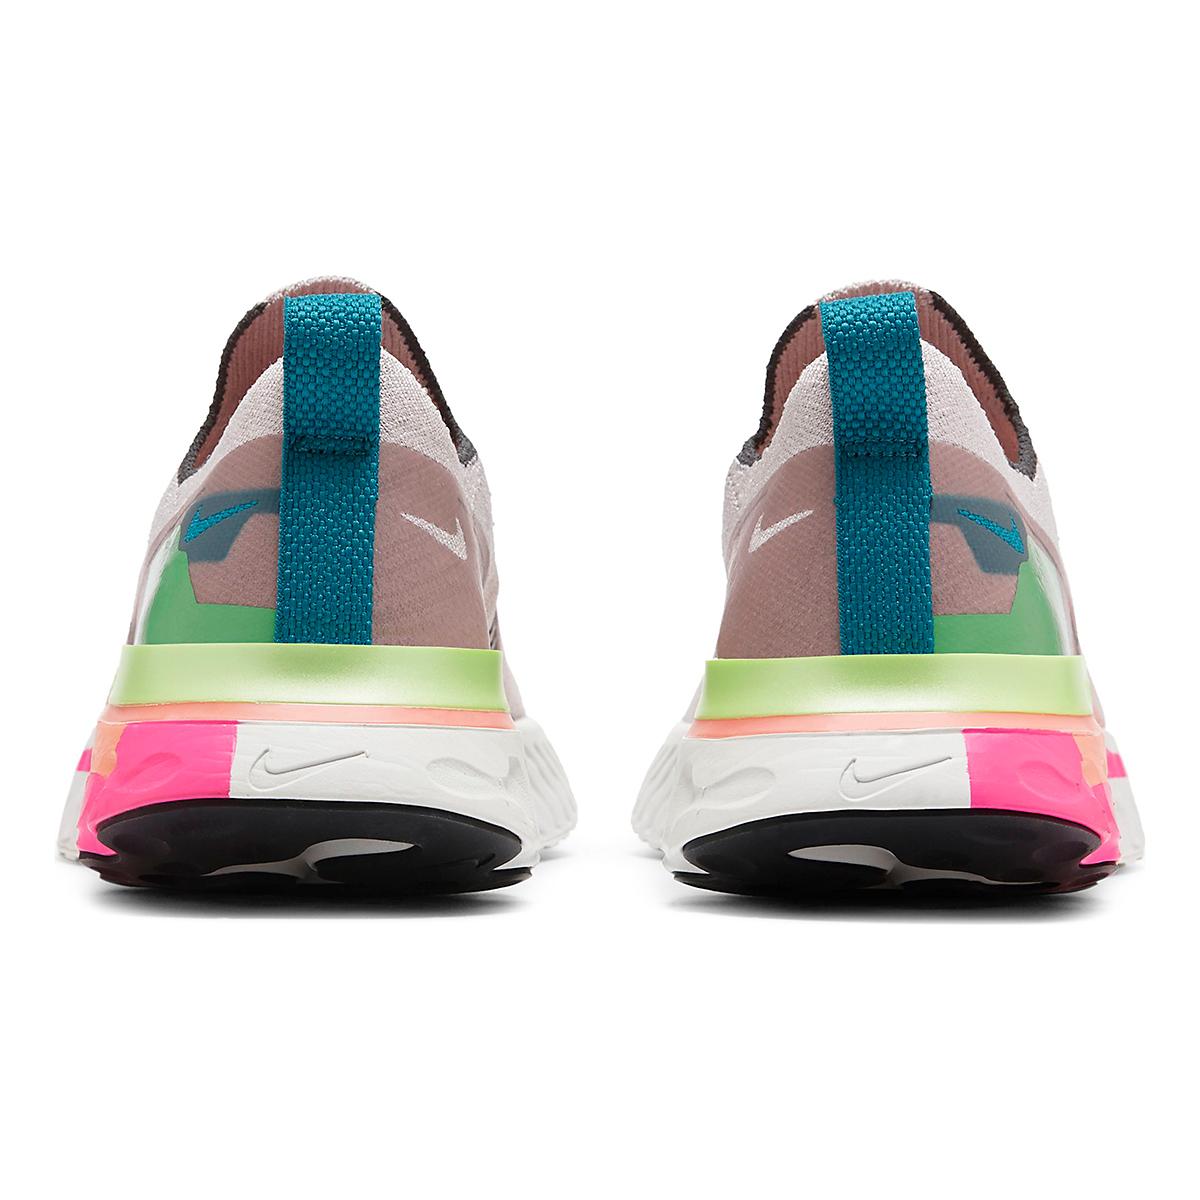 Women's Nike React Infinity Run Flyknit Running Shoe - Color: Violet Ash/Smoke Grey/Pink Blast - Size: 5 - Width: Regular, Violet Ash/Smoke Grey/Pink Blast, large, image 4